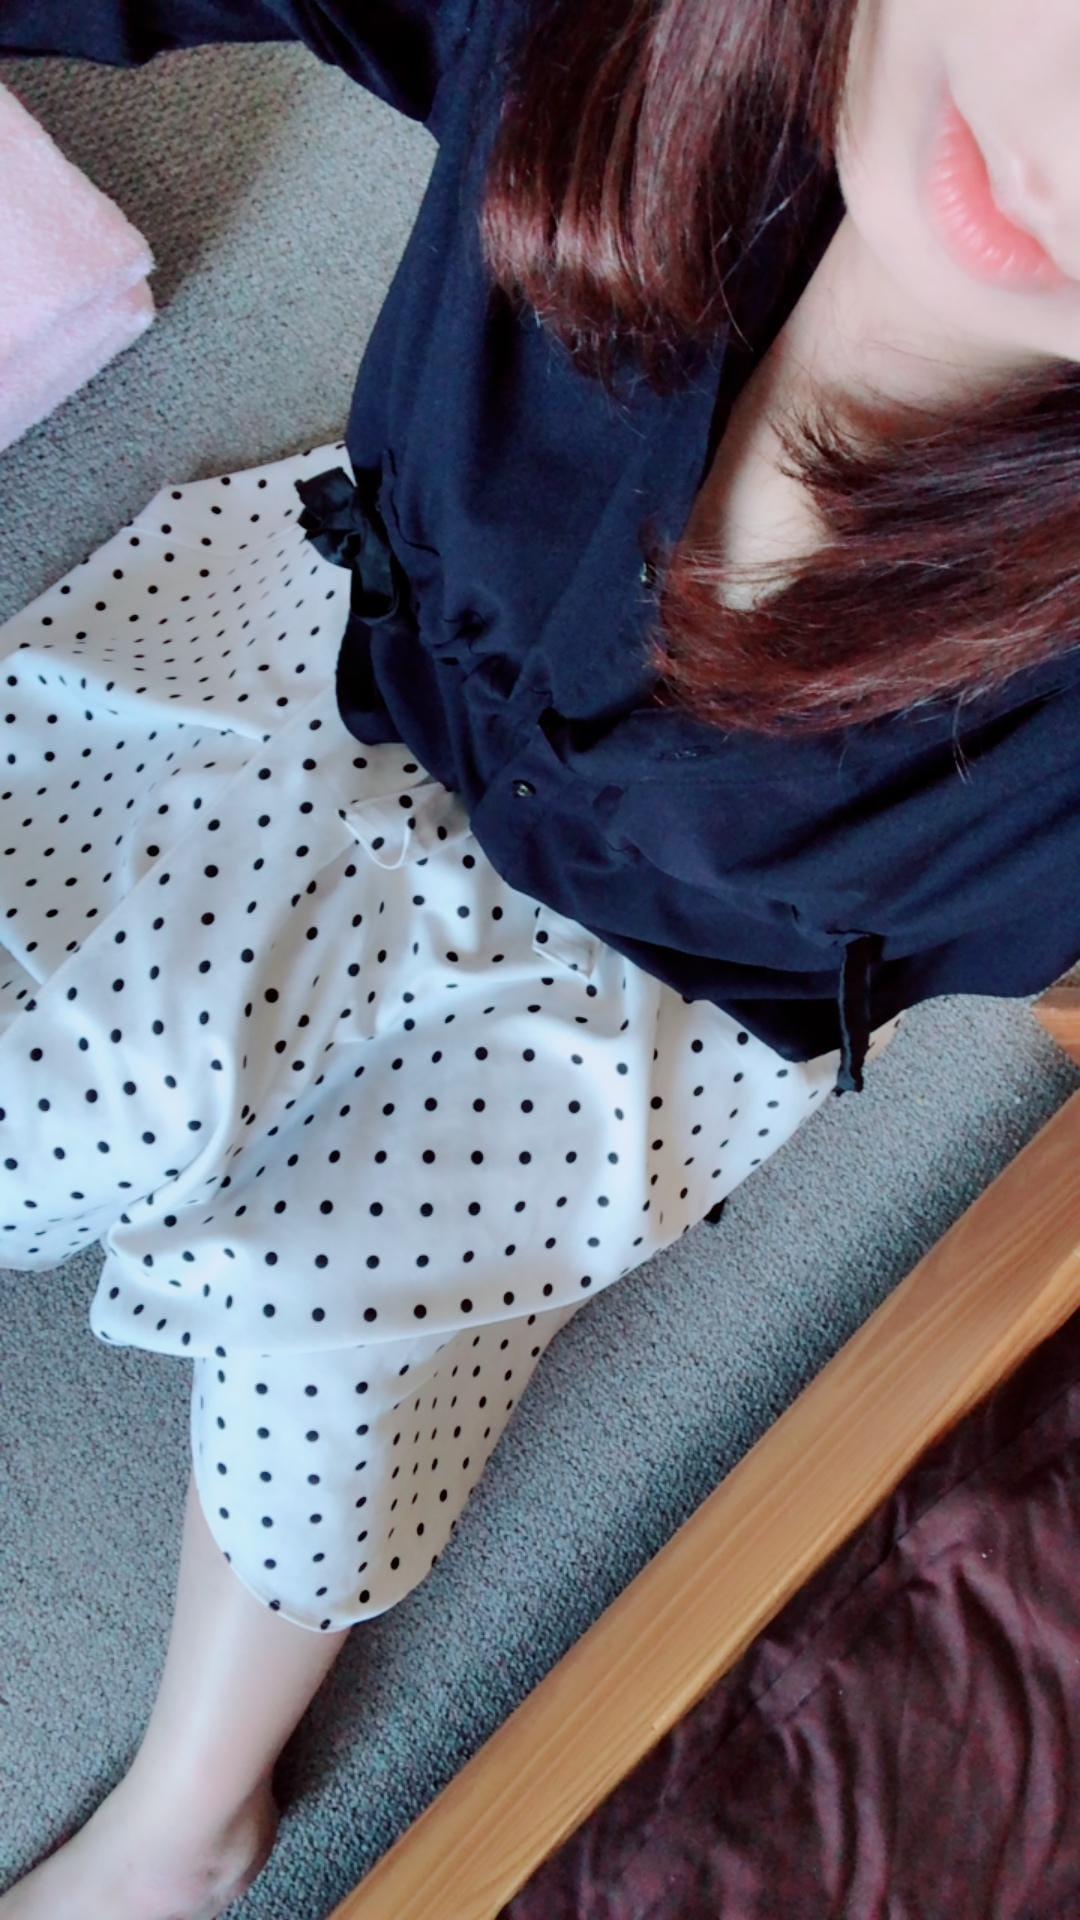 「出勤ー」07/25(07/25) 16:01 | まりなの写メ・風俗動画